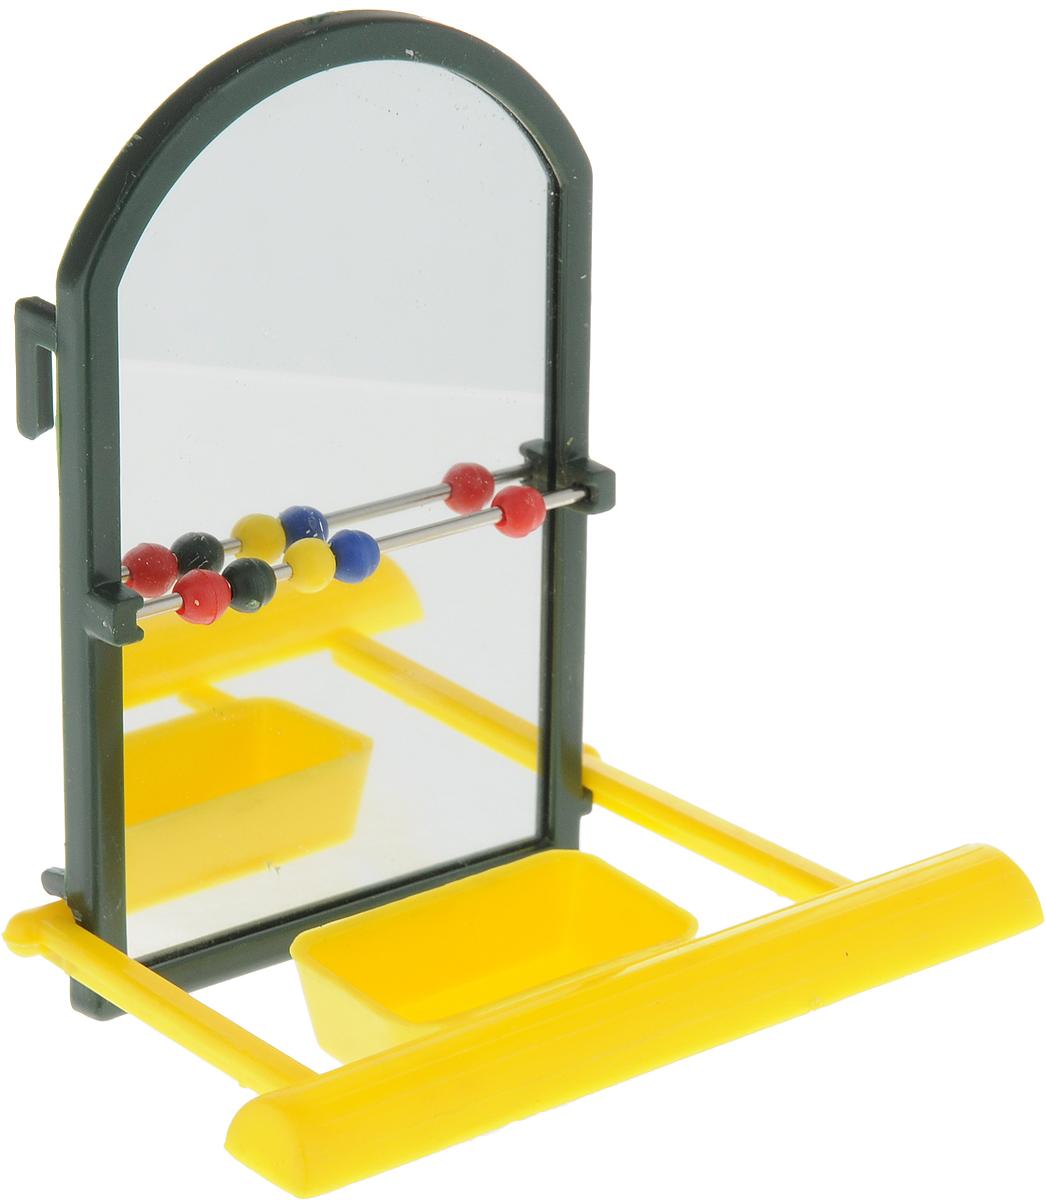 Игрушка для попугая Trixie Зеркало, с жердочкой, темно-зеленый, 9 см, цвет: желтый